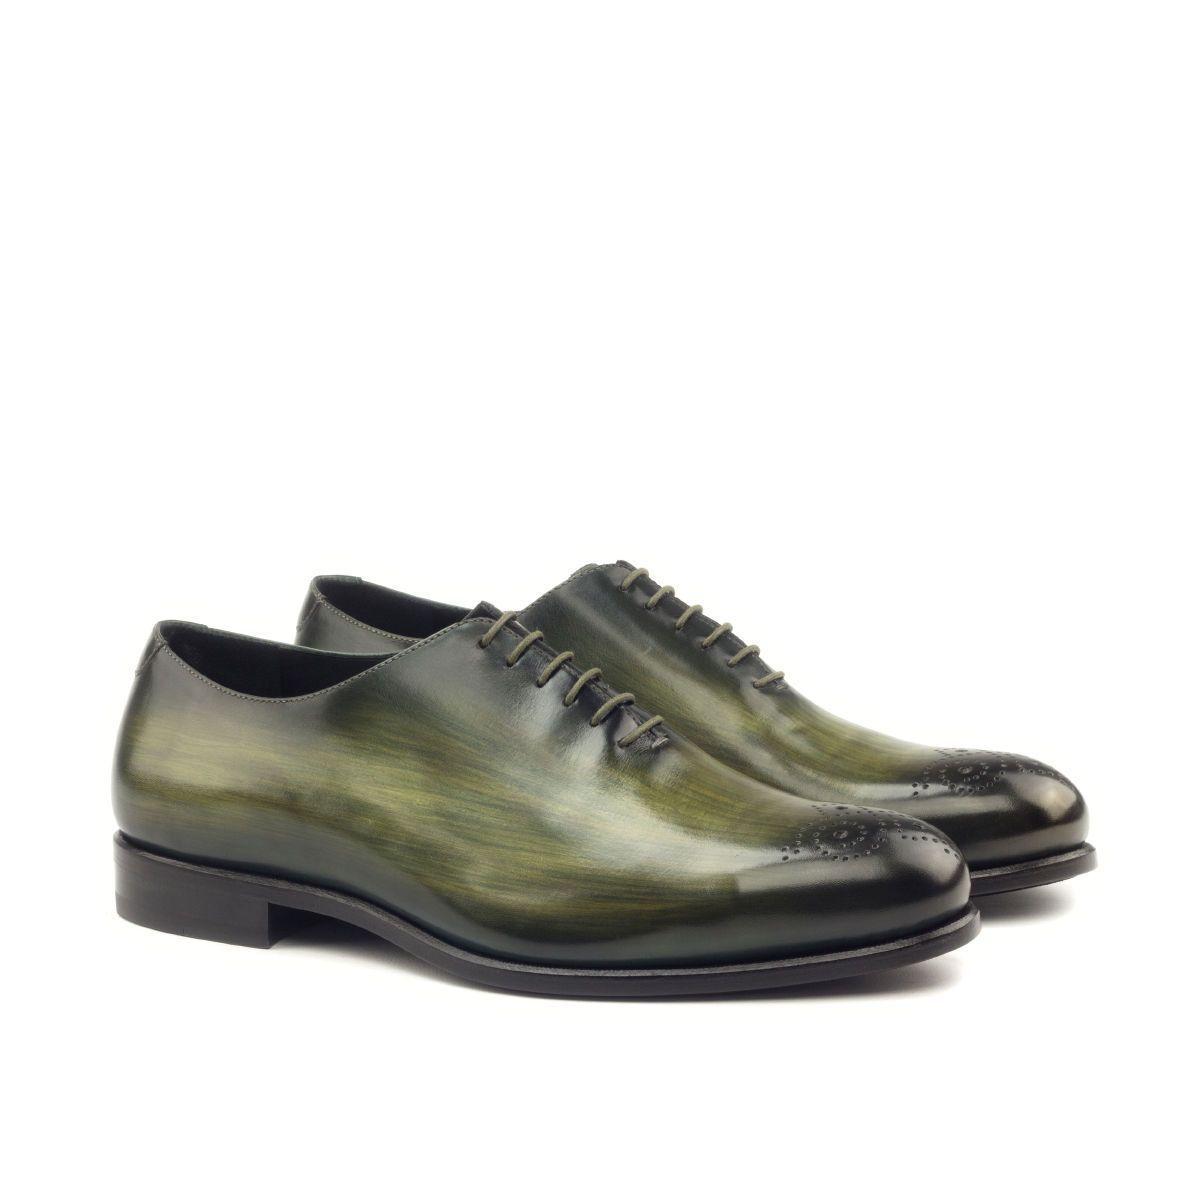 Handmade Leder Olivgrün Patina Schnürer für Herren Maßgefertigt Man Kleid Schuhe